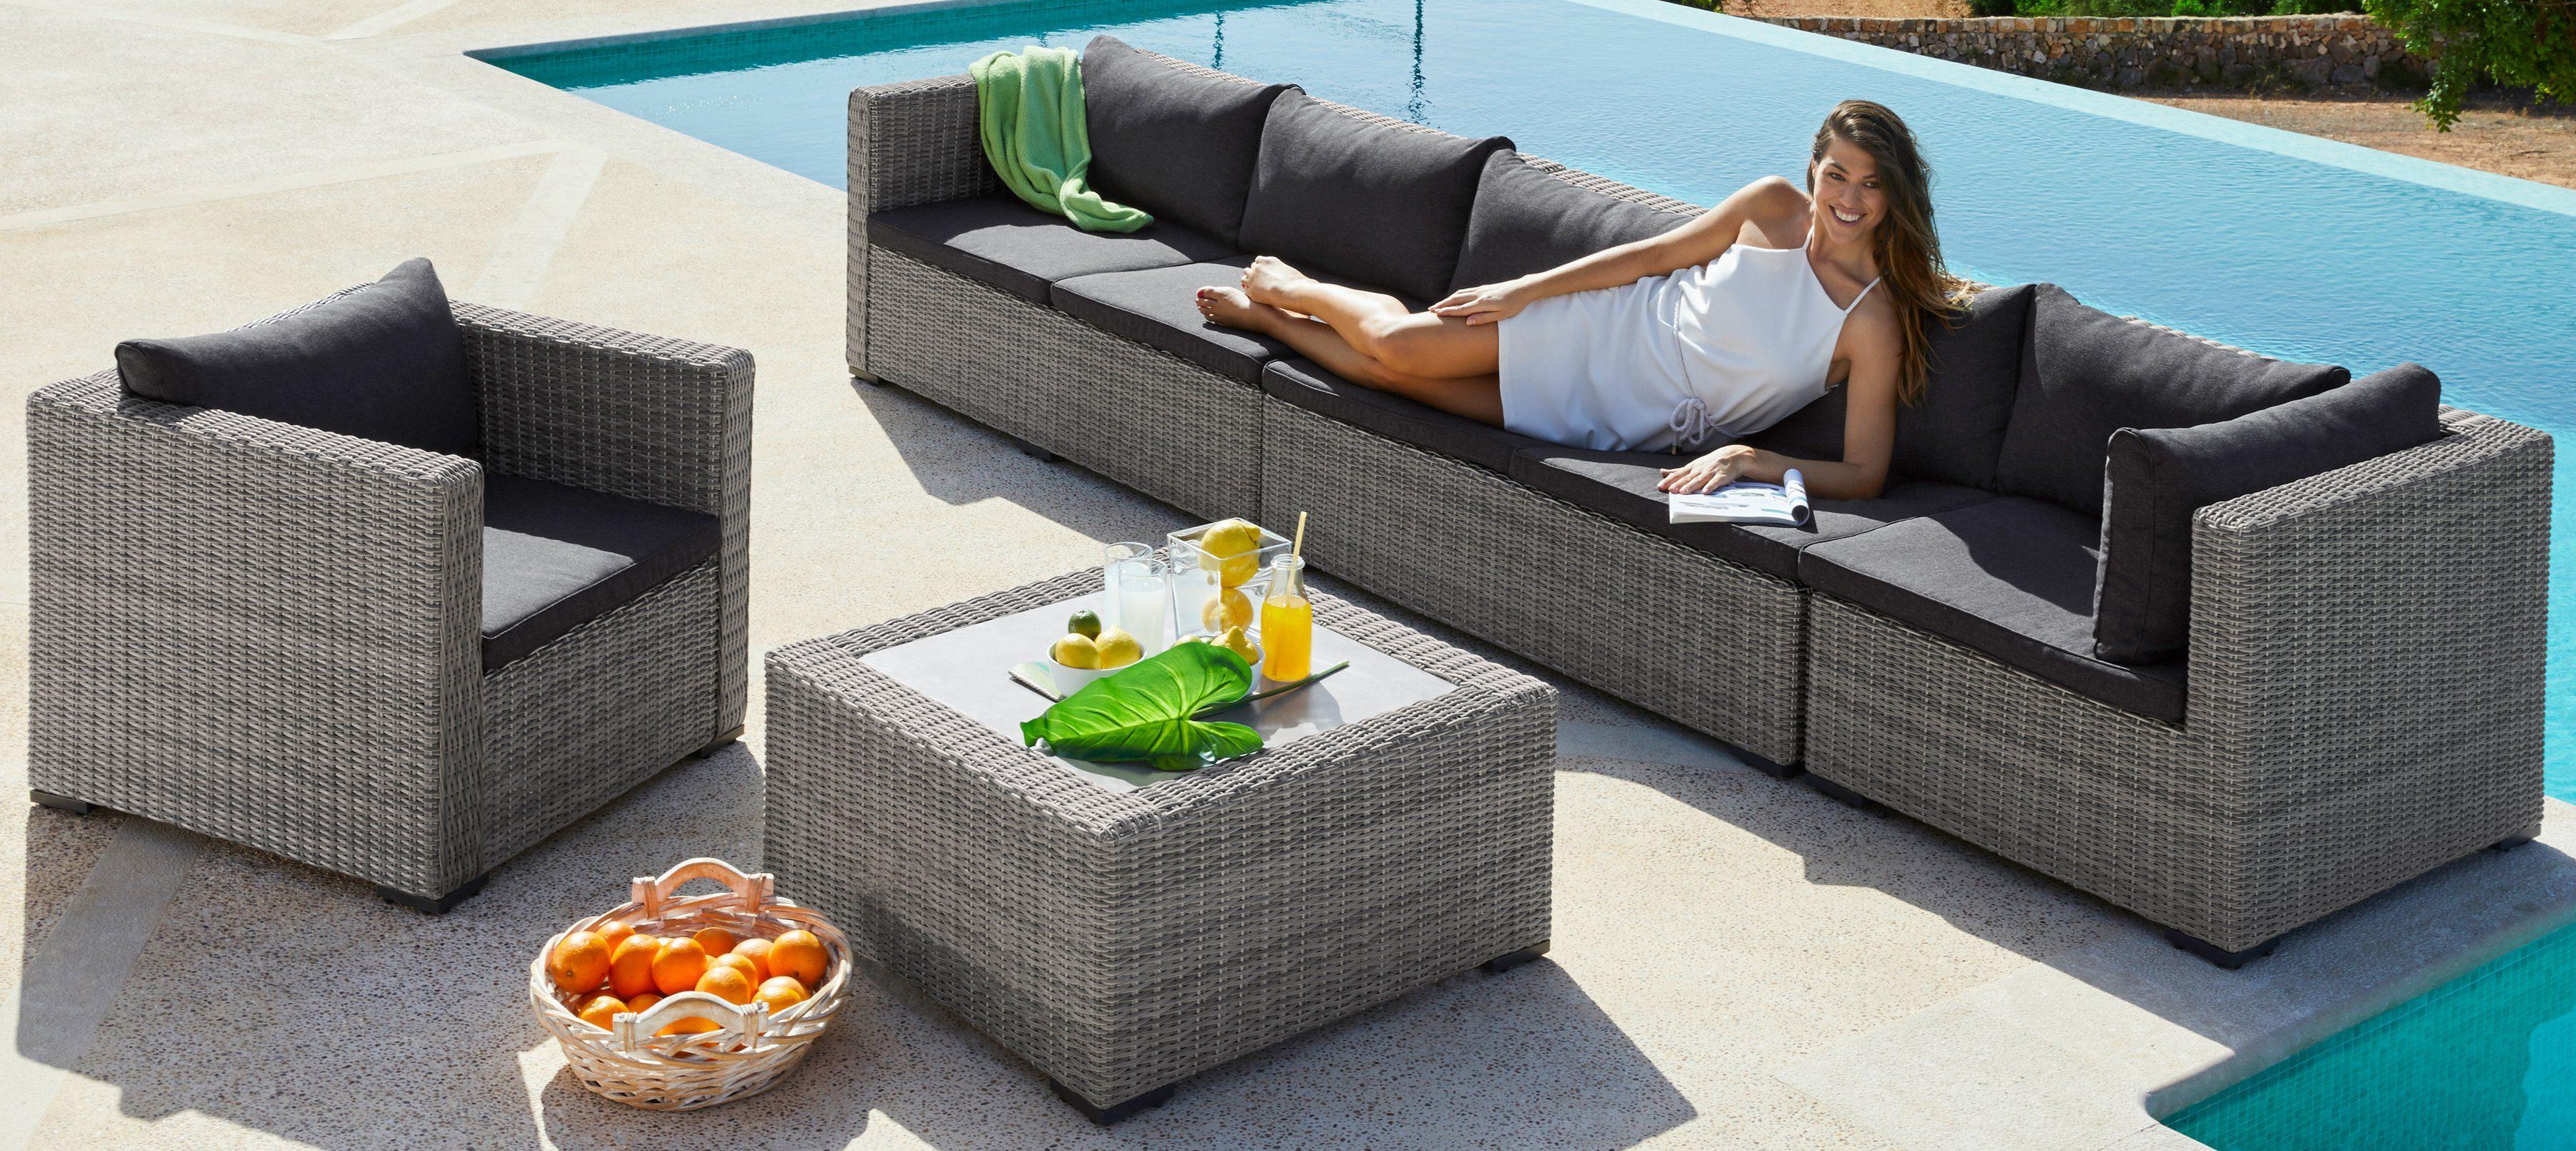 Loungeset »Miami«, 18-tlg. 2x2-Sitzer, Eckteil, Sessel, Tisch, Polyrattan, grau